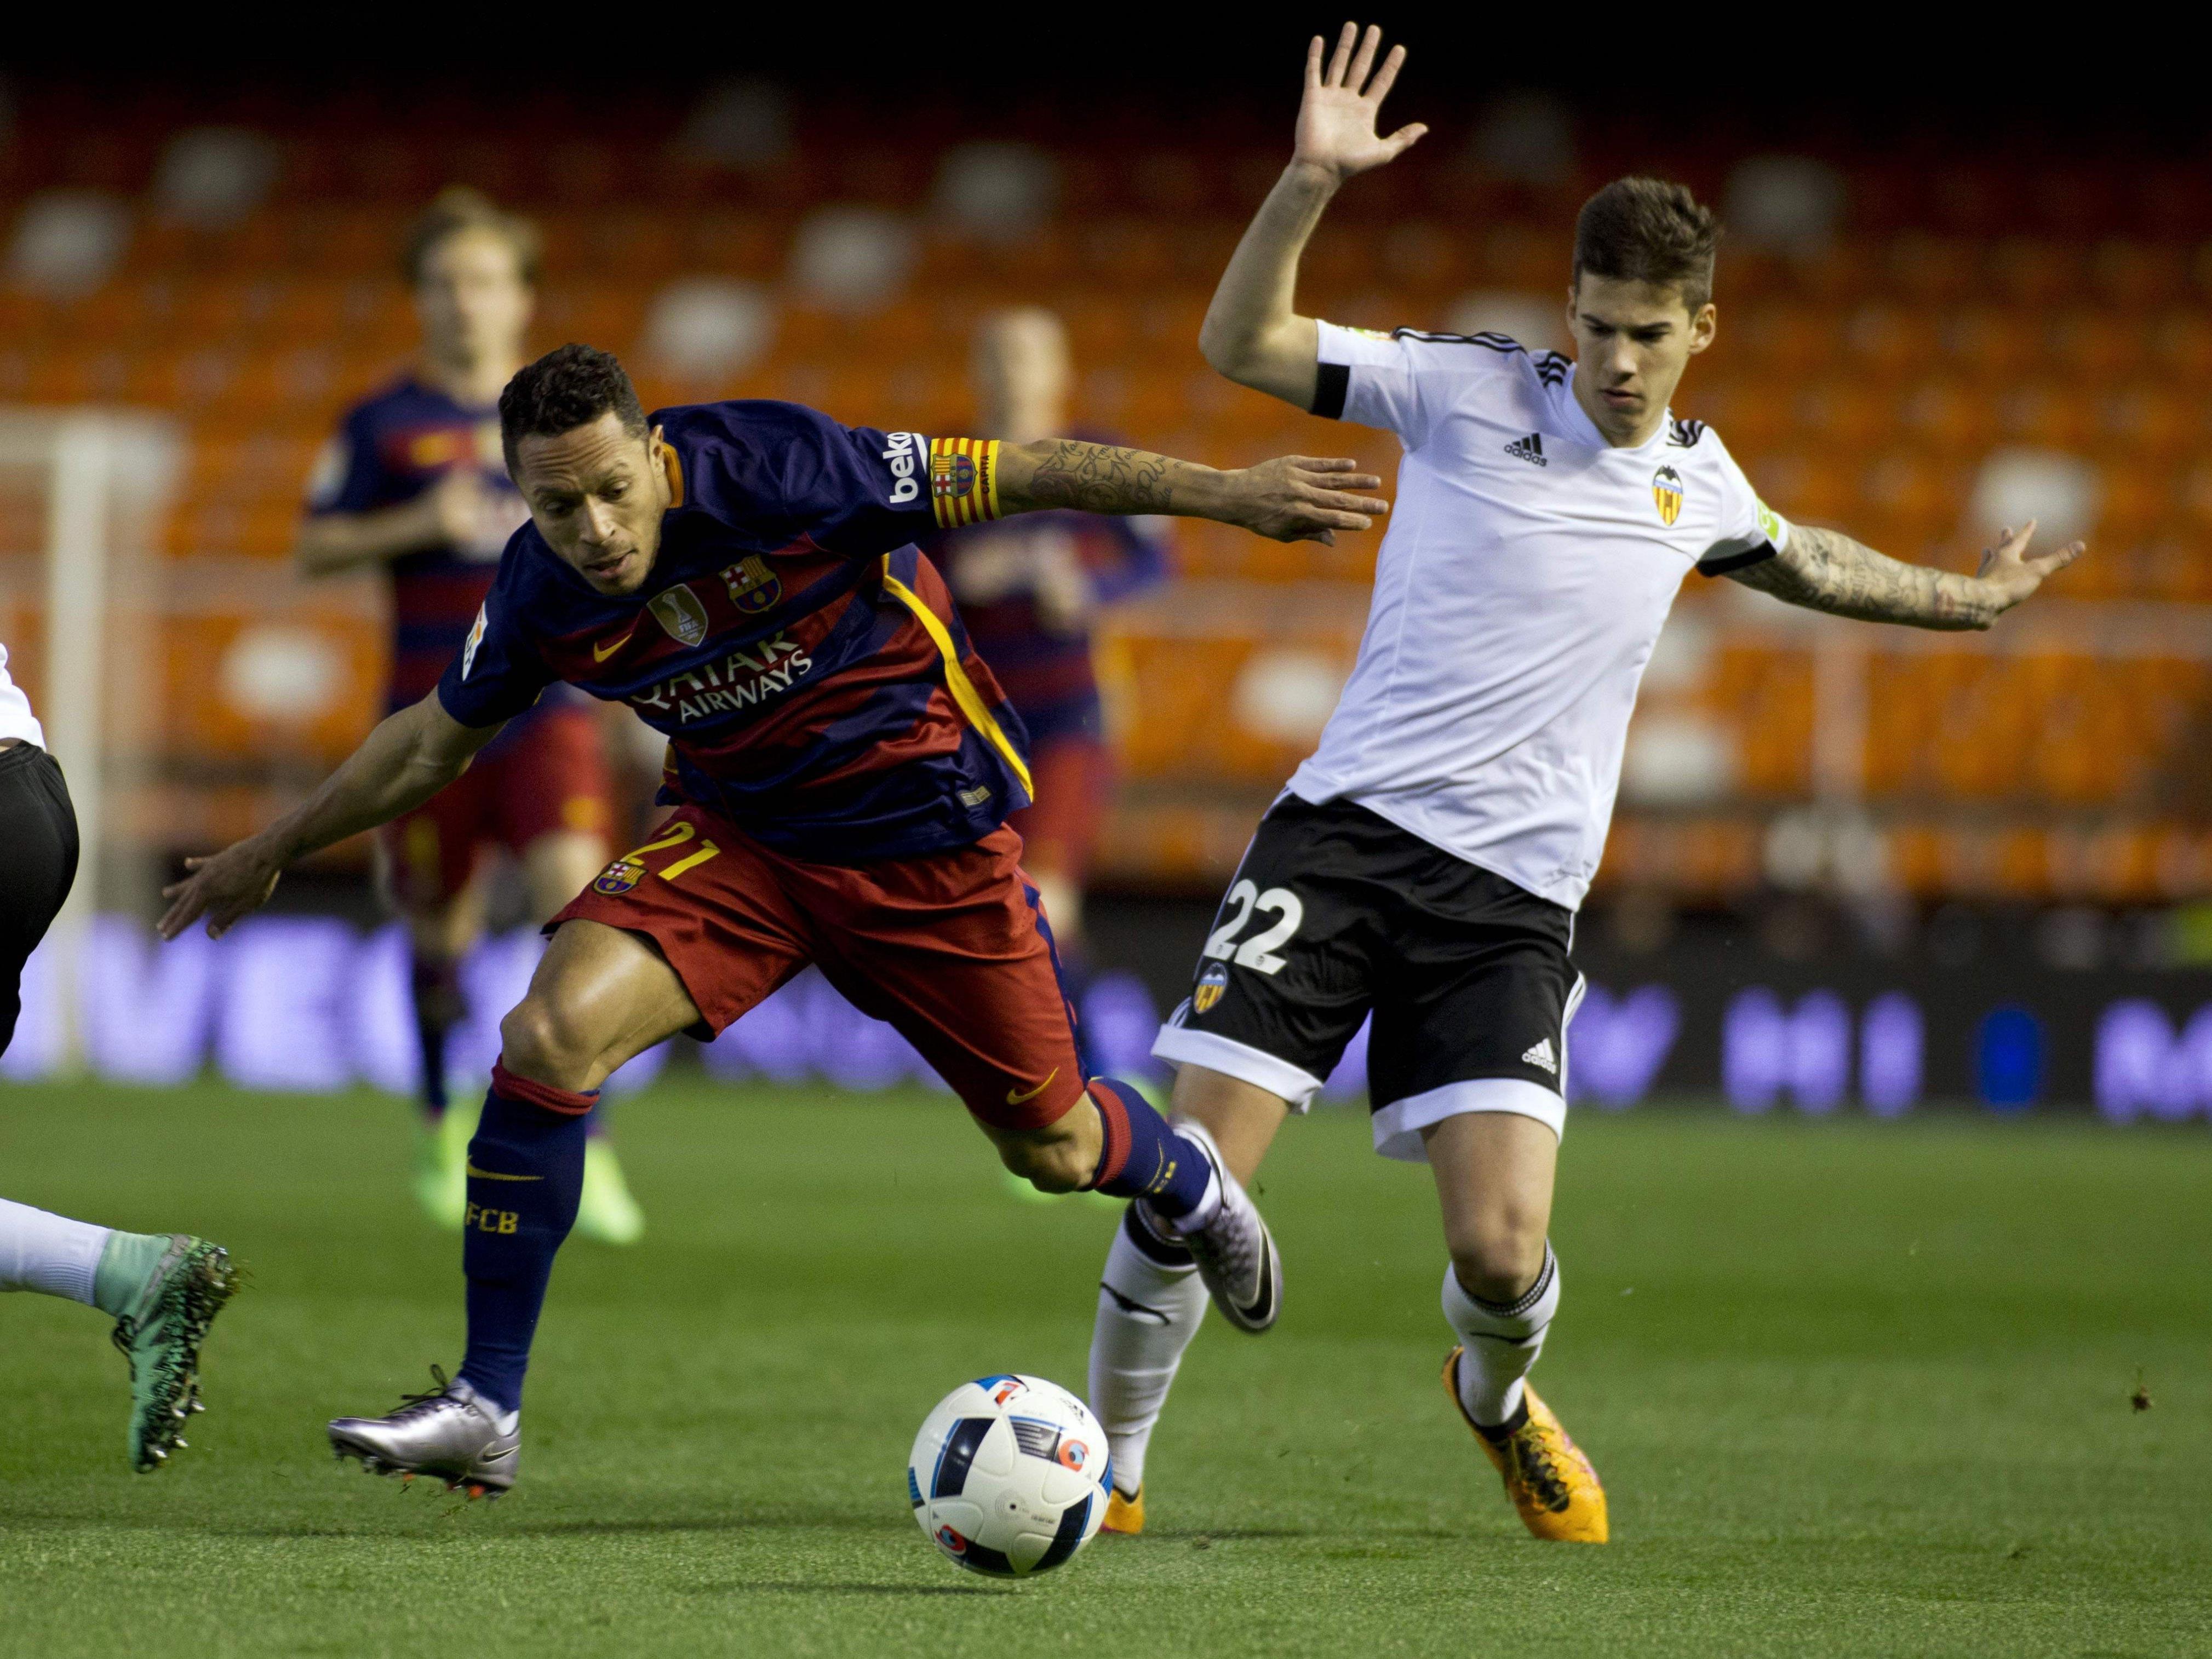 Valencia und Barcelona trennten sich im Estadio Mestalla 1:1.